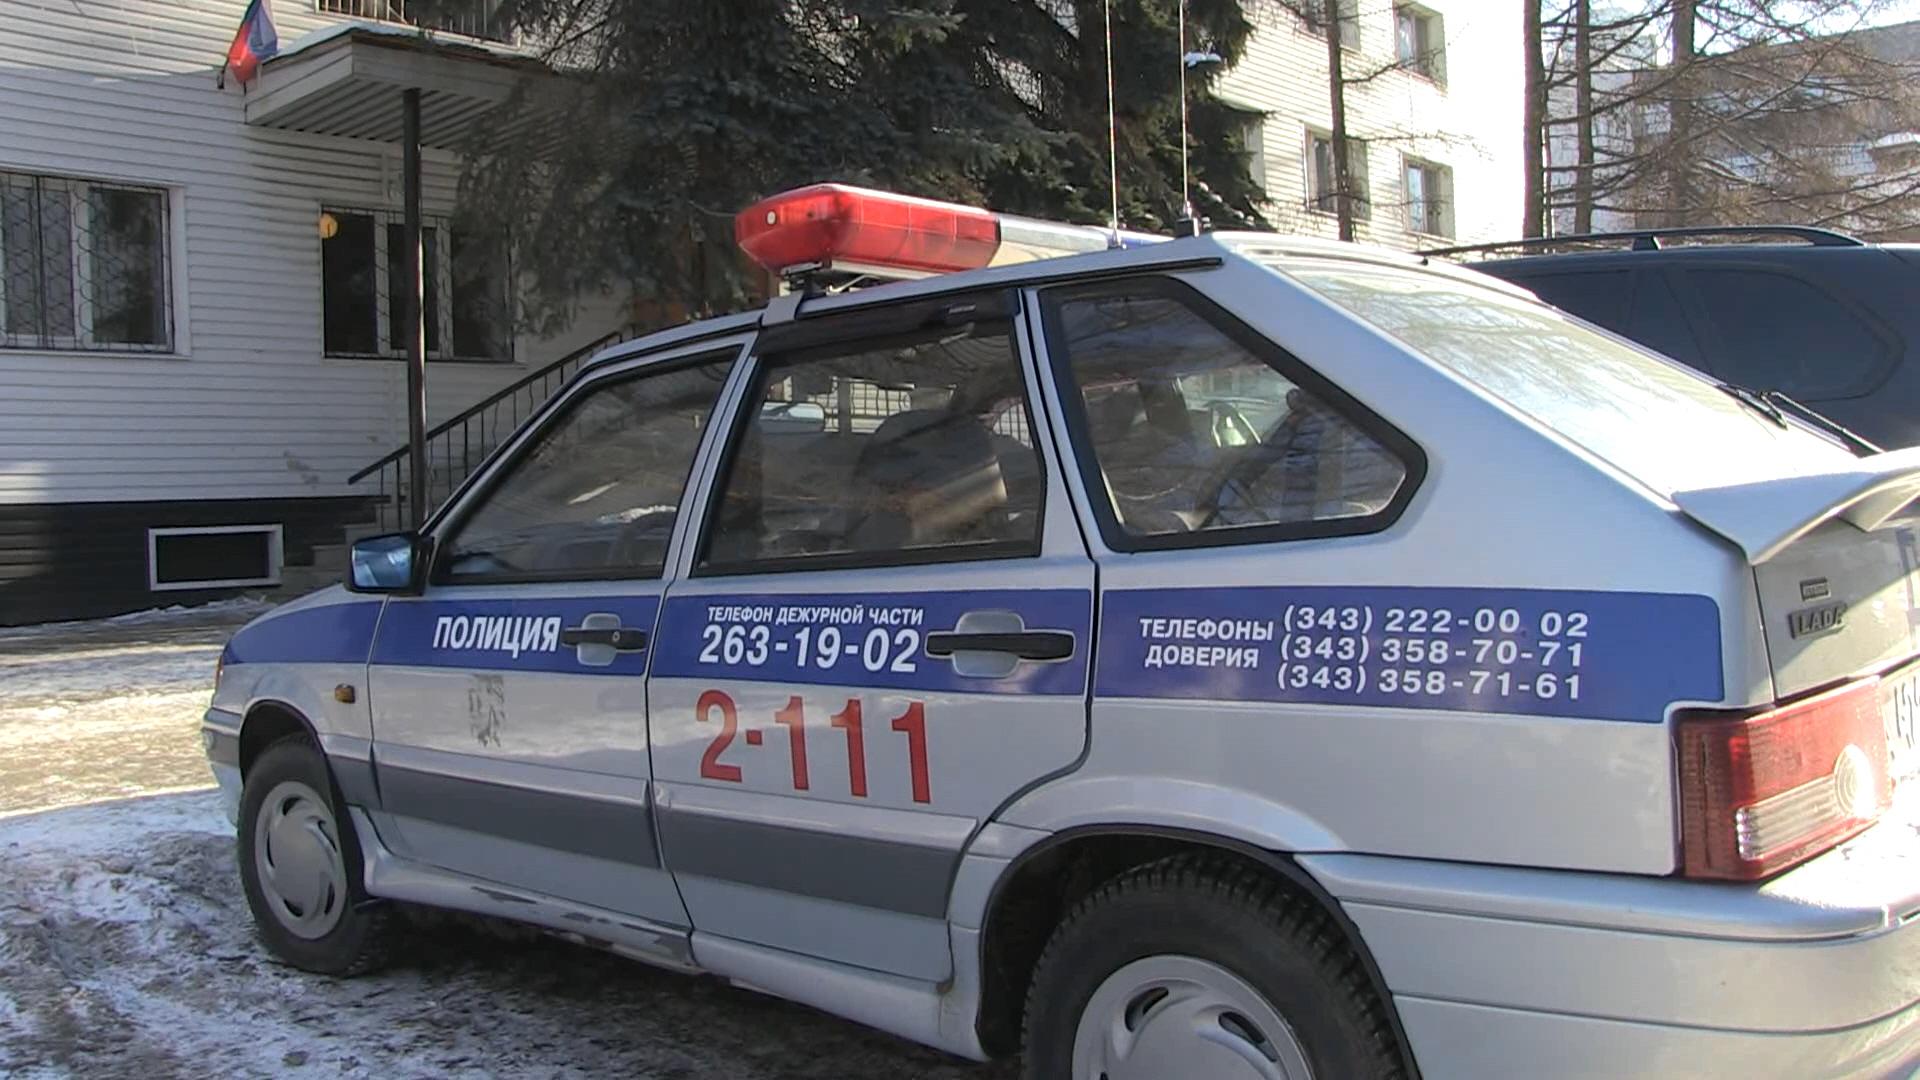 Спор из-за парковочного места на Уралмаше закончился стрельбой